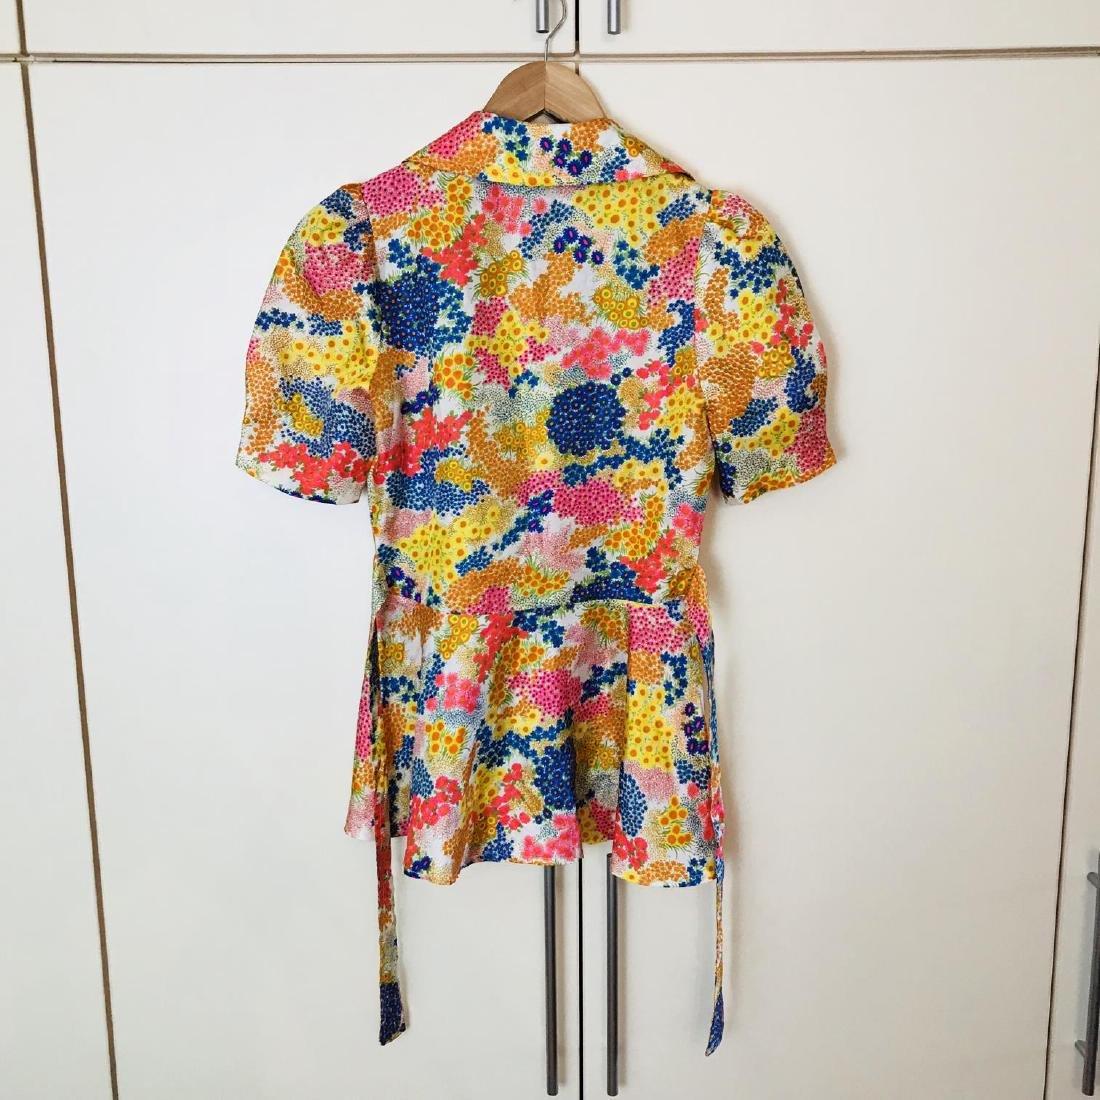 Vintage Women's Blouse Shirt Size US 8 EUR 38 - 4